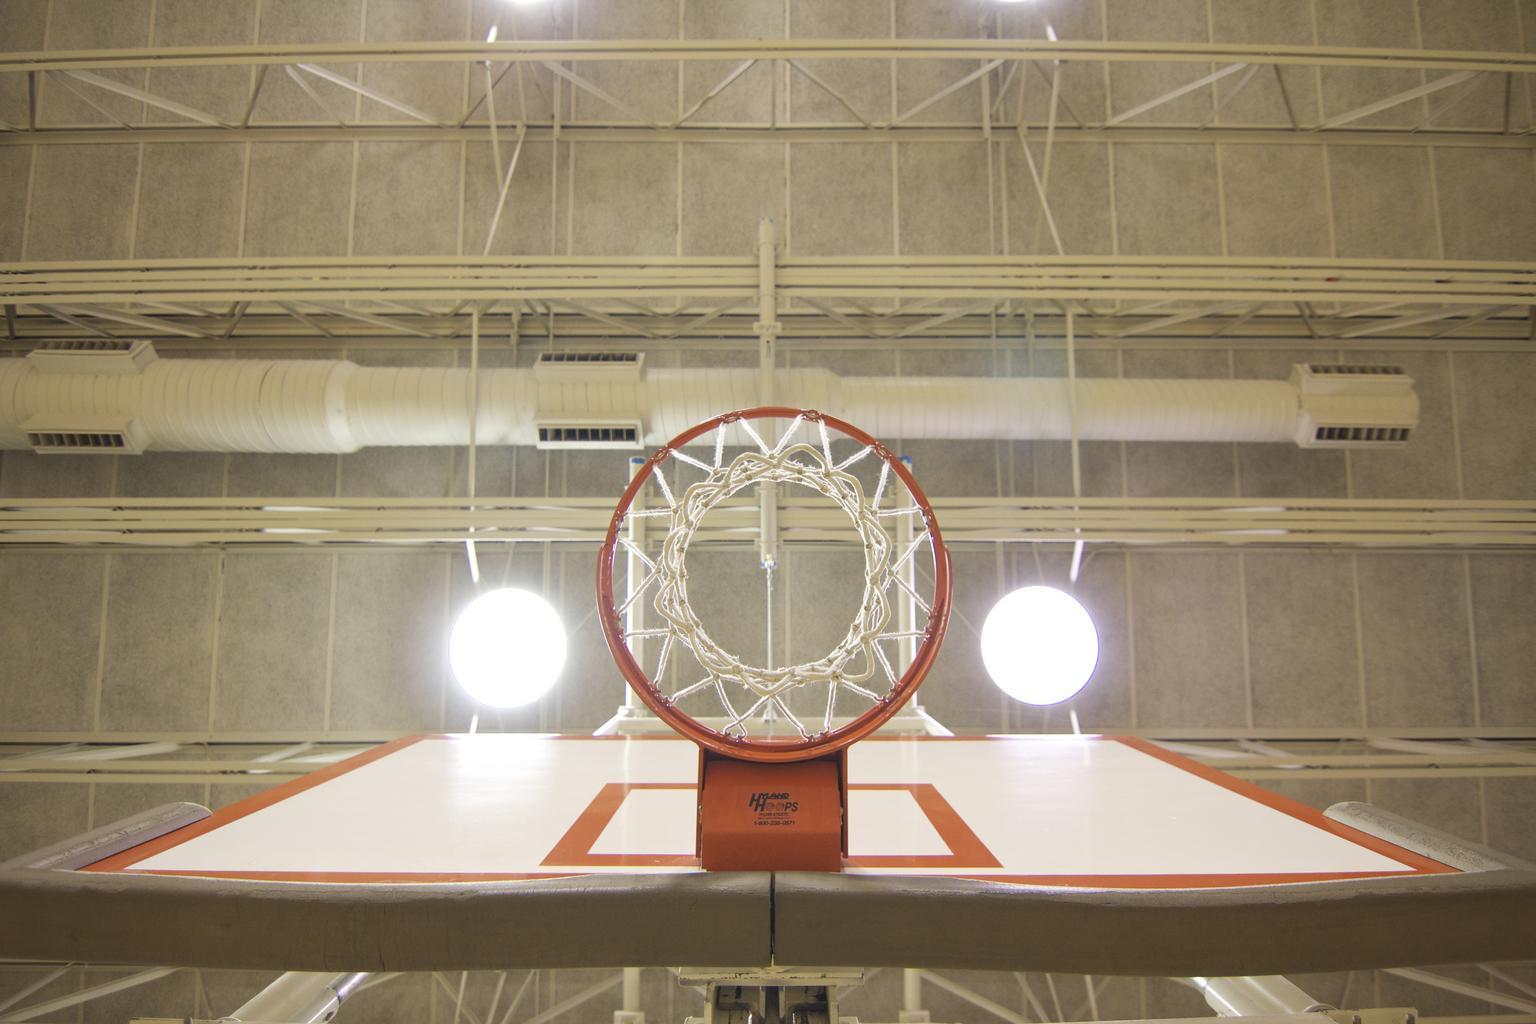 Rice basketball